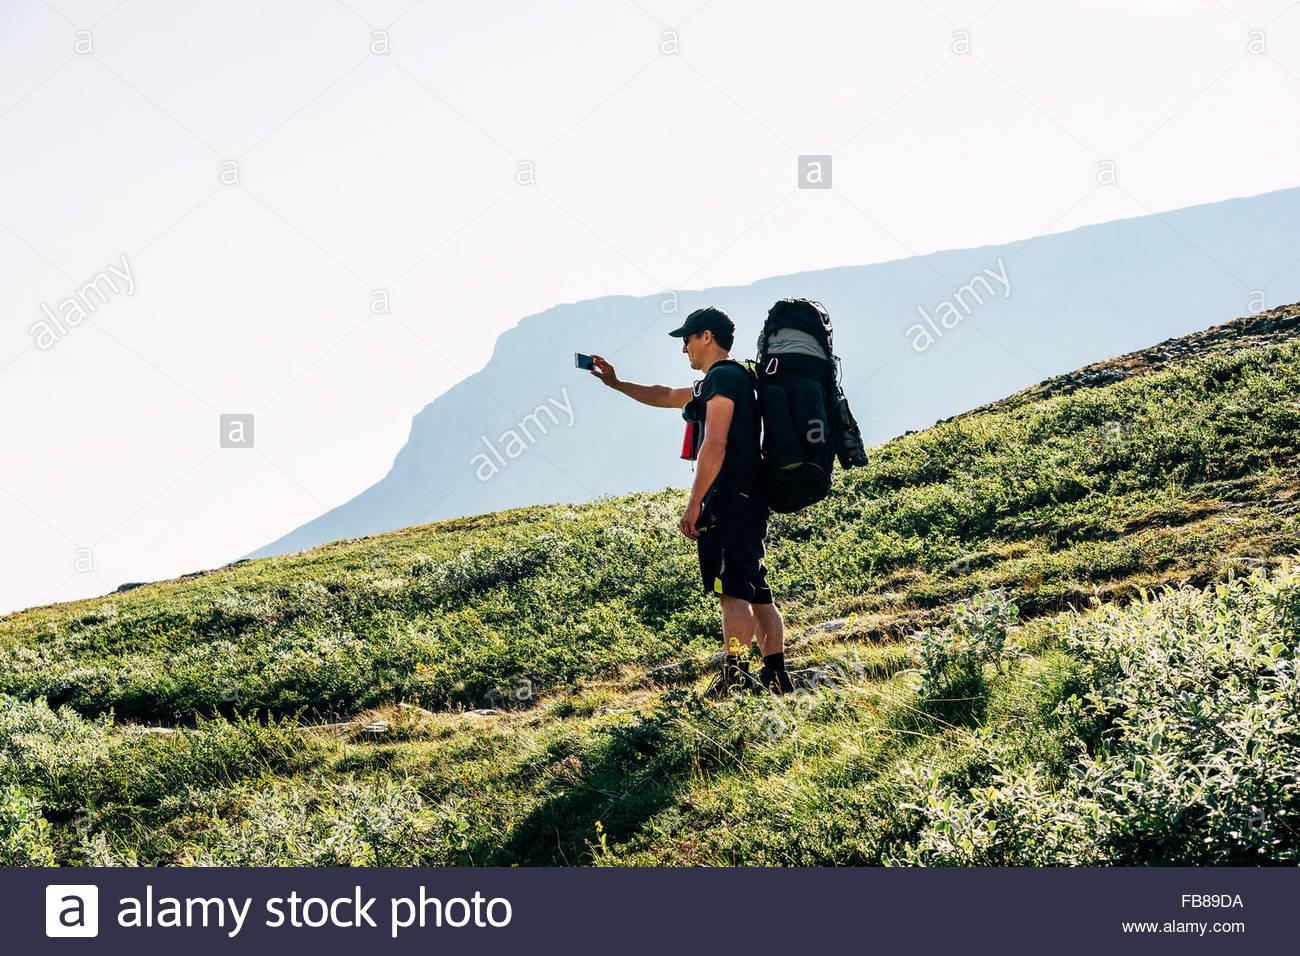 Sweden, Lapland, Ladtjovagge, Kungsleden, Male hiker making selfie with smart phone - Stock Image